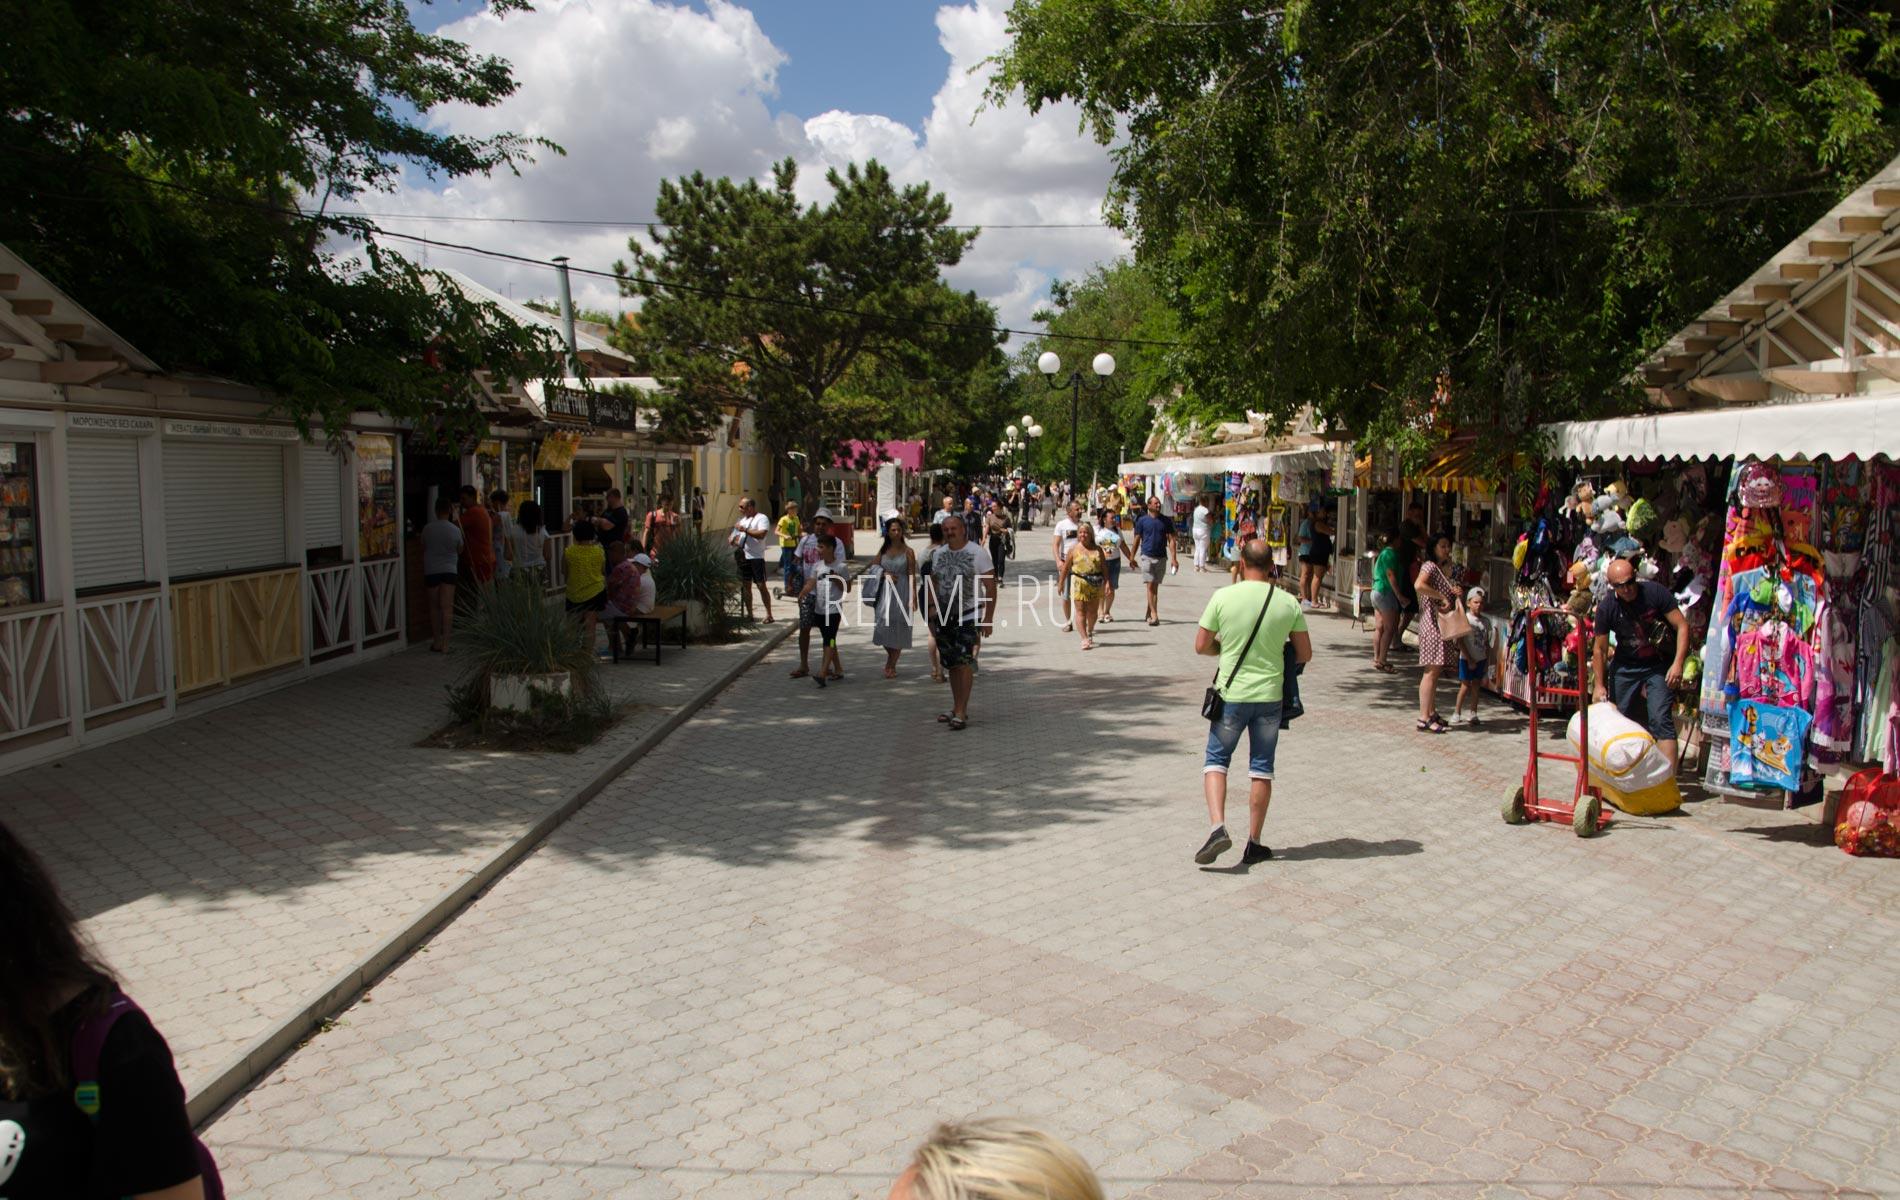 Торговый ряд на набережной. Фото Евпатории